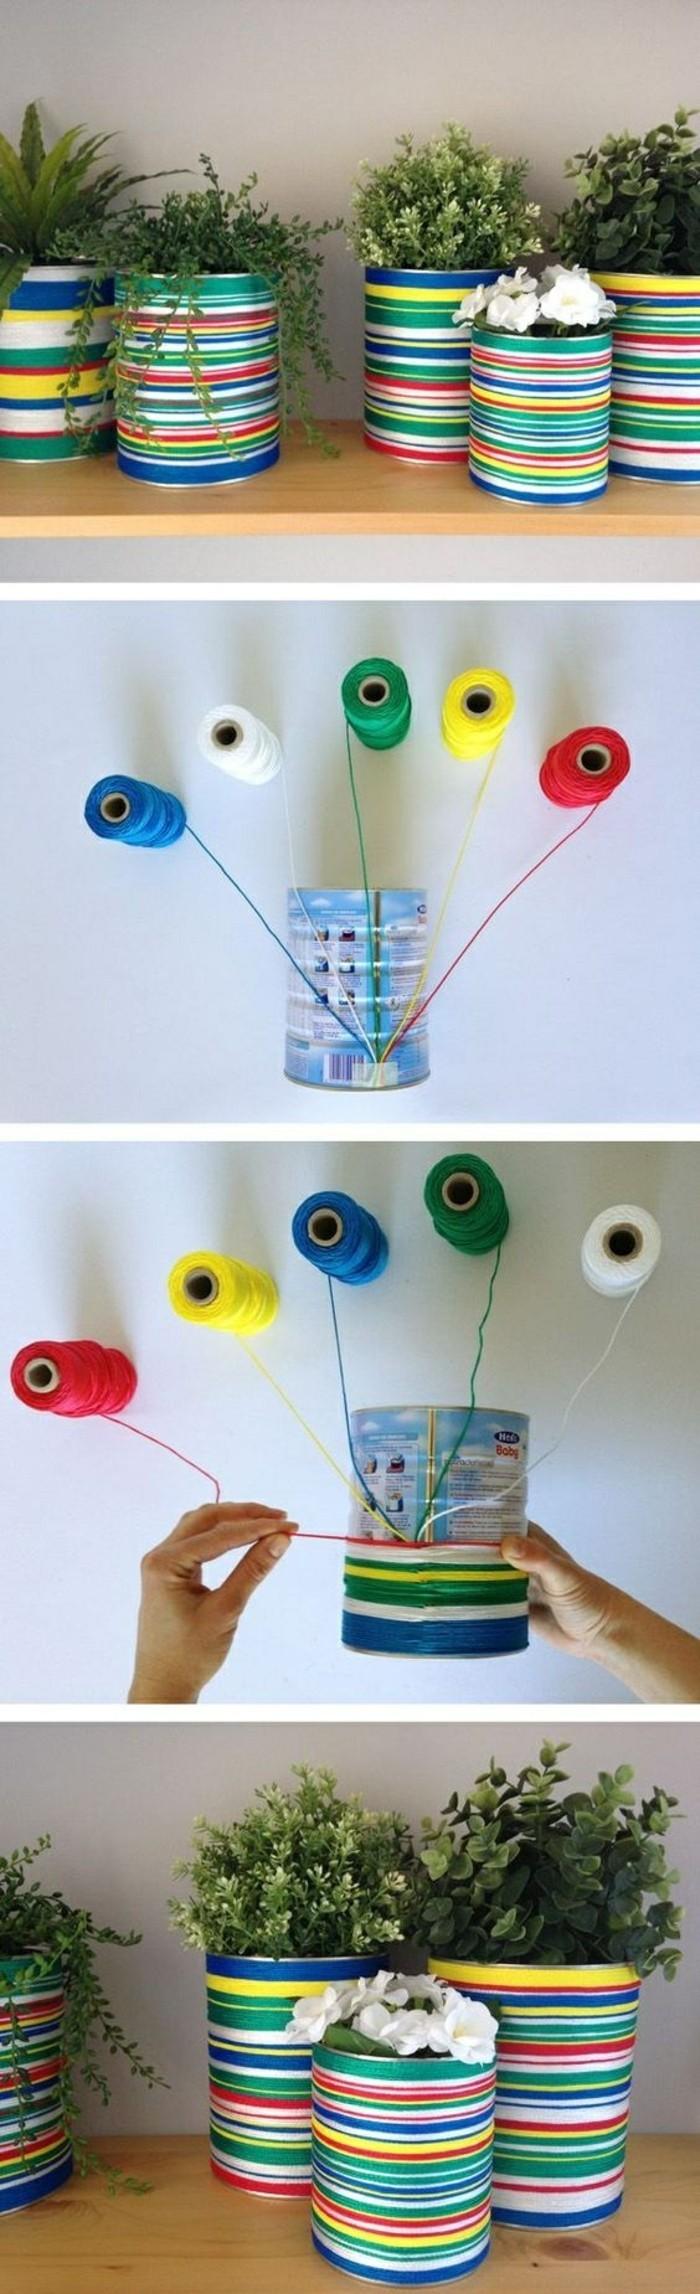 ideas de latas de conserva decoradas con hilos coloridos, decoración casera con materiales reciclados